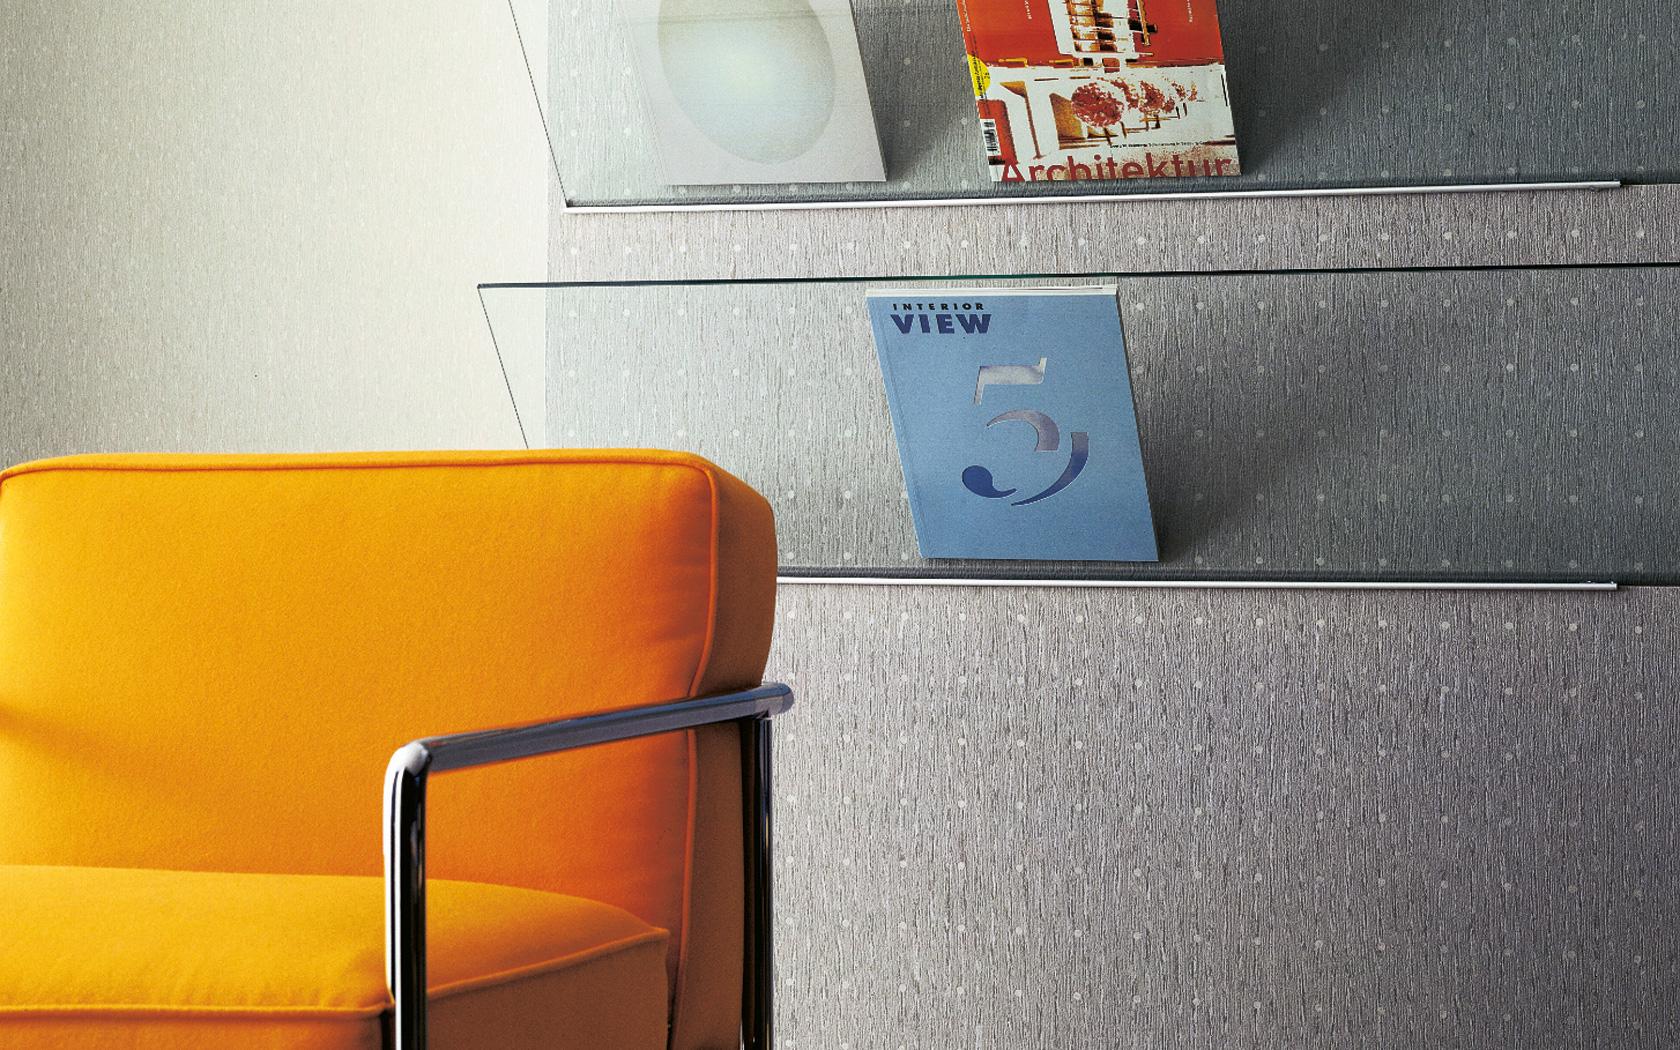 thomas gaese der maler in bremen nord. Black Bedroom Furniture Sets. Home Design Ideas